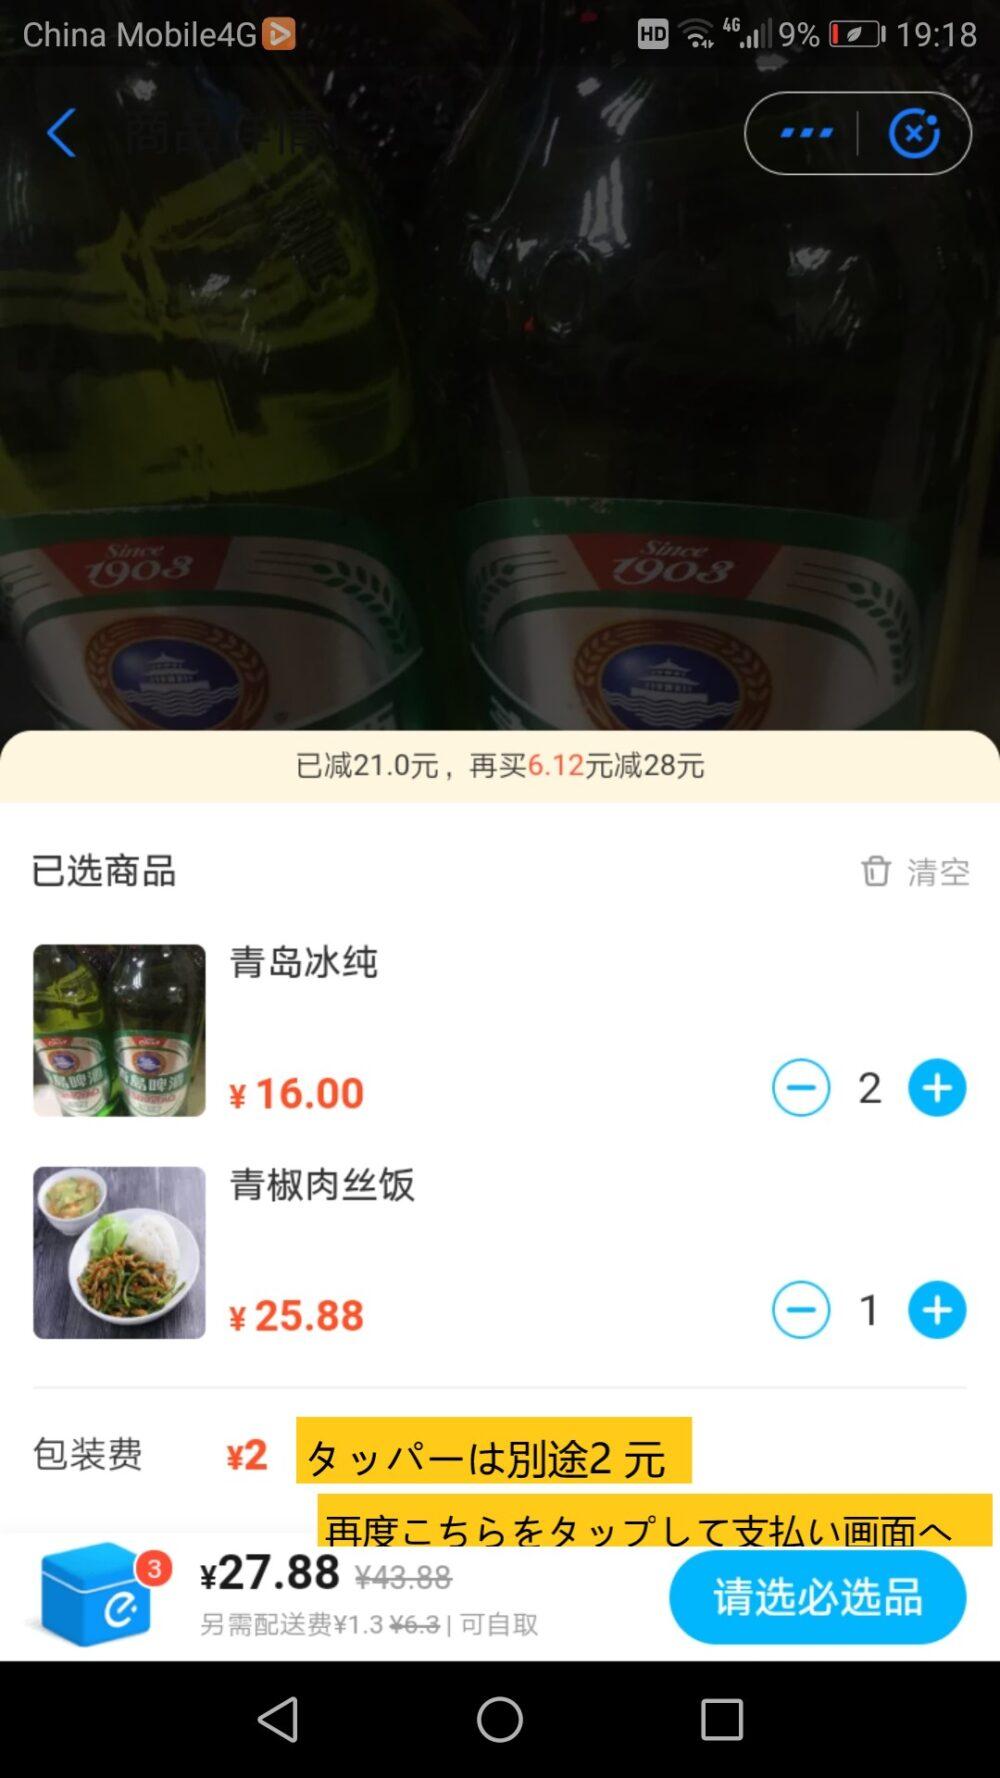 フードデリバリーアプリの饿了么でお会計前に包装費が表示される画面のスクリーンショット